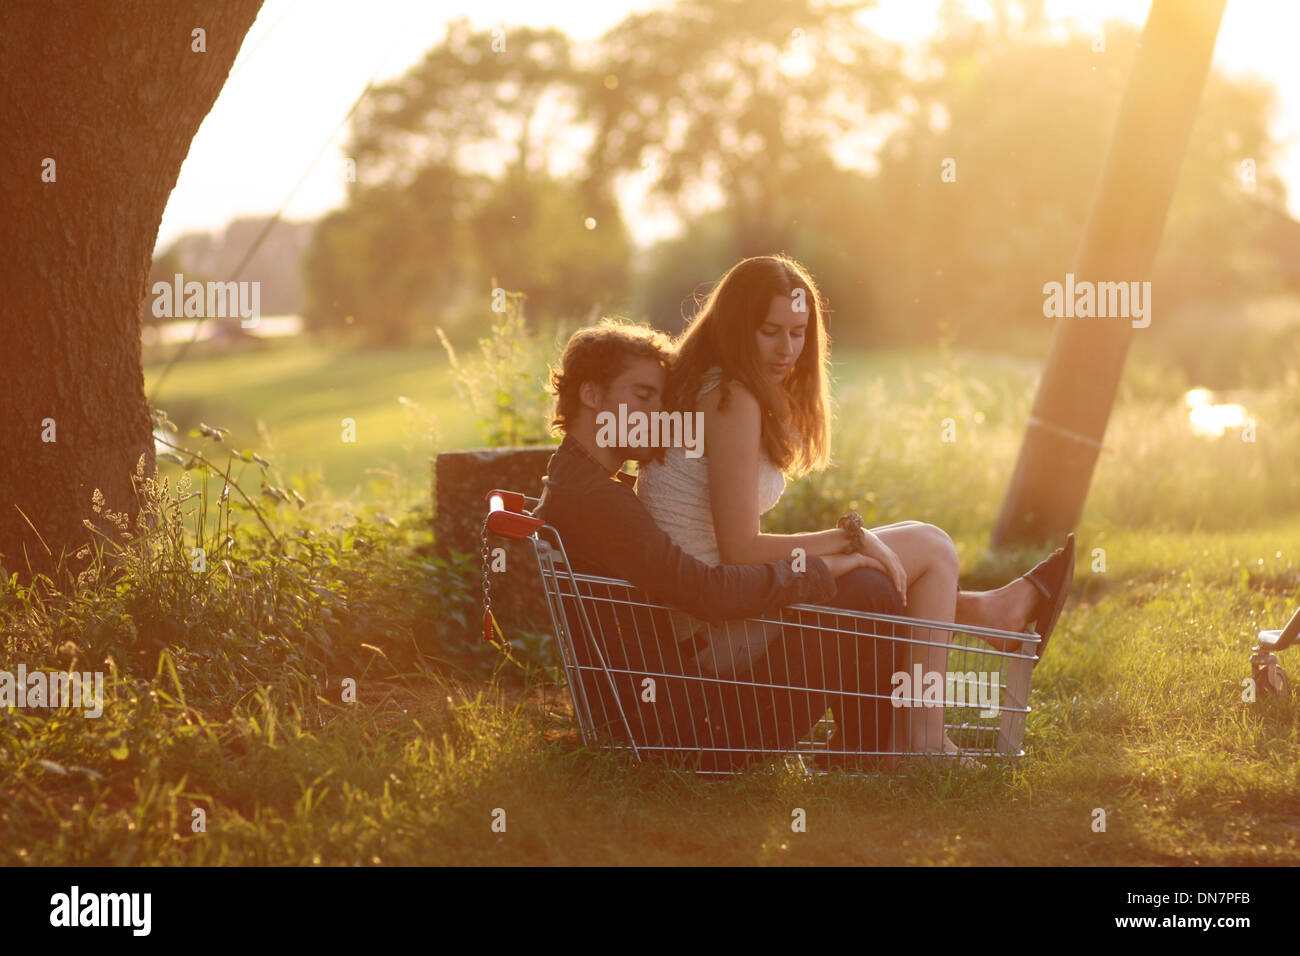 Liebespaar in einem Warenkorb bei Gegenlicht sitzen Stockbild